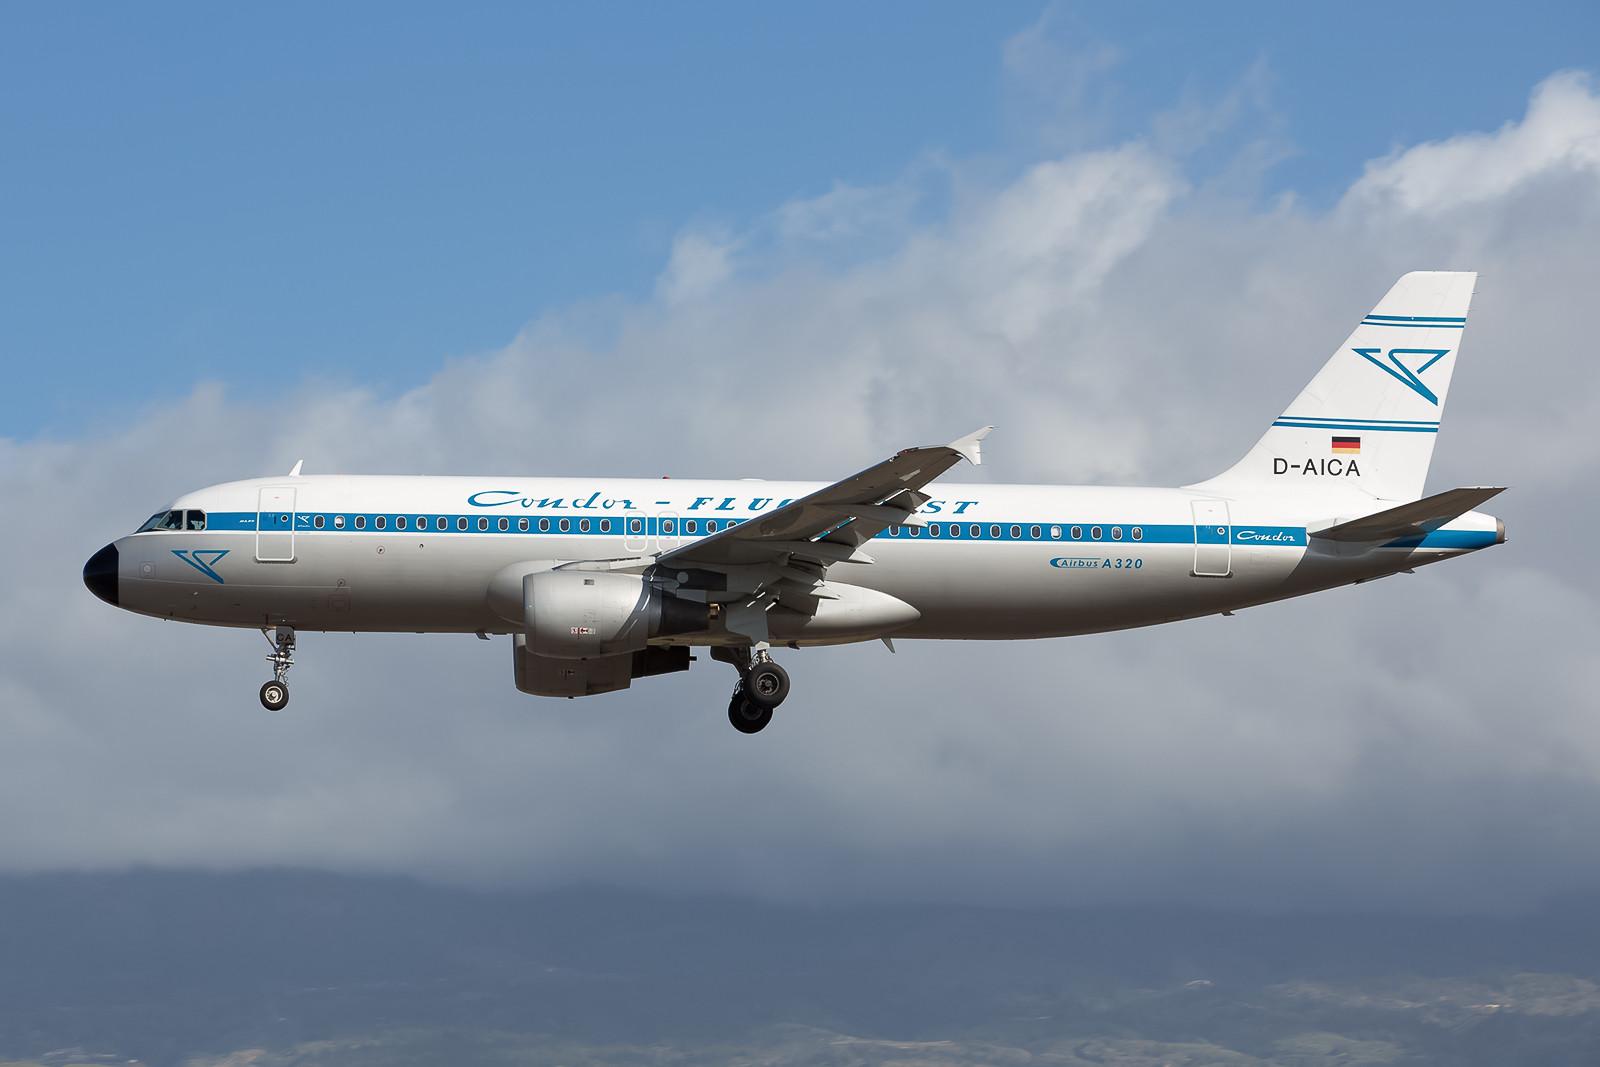 D-AICA, der Airbus 320-212 ist derzeit als Condor-Retrojet unterwegs.